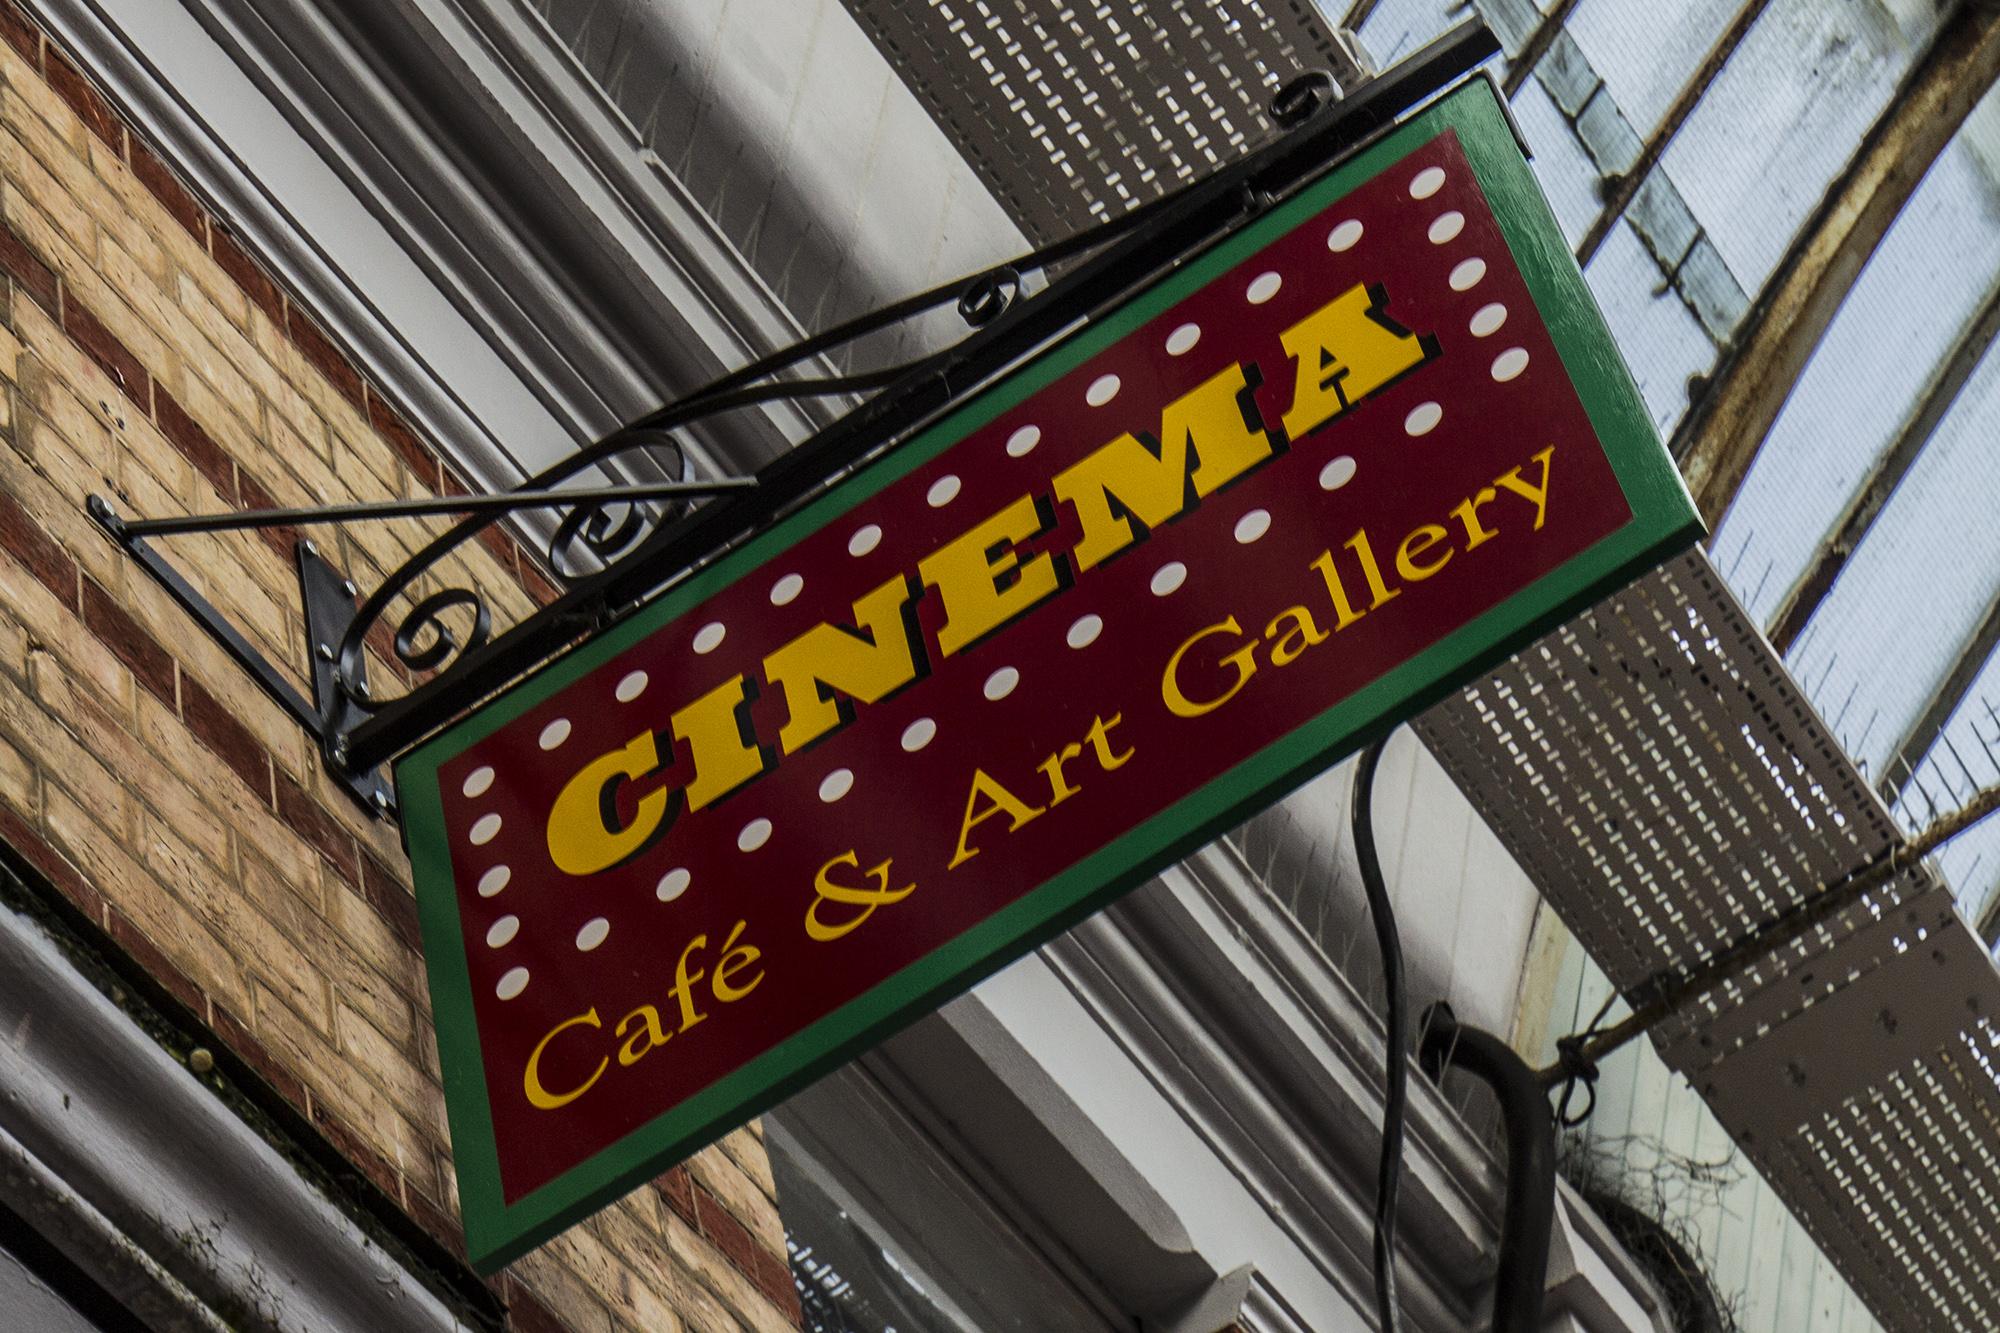 Colosseum Cinema and Lavish Life Café, Westbourne